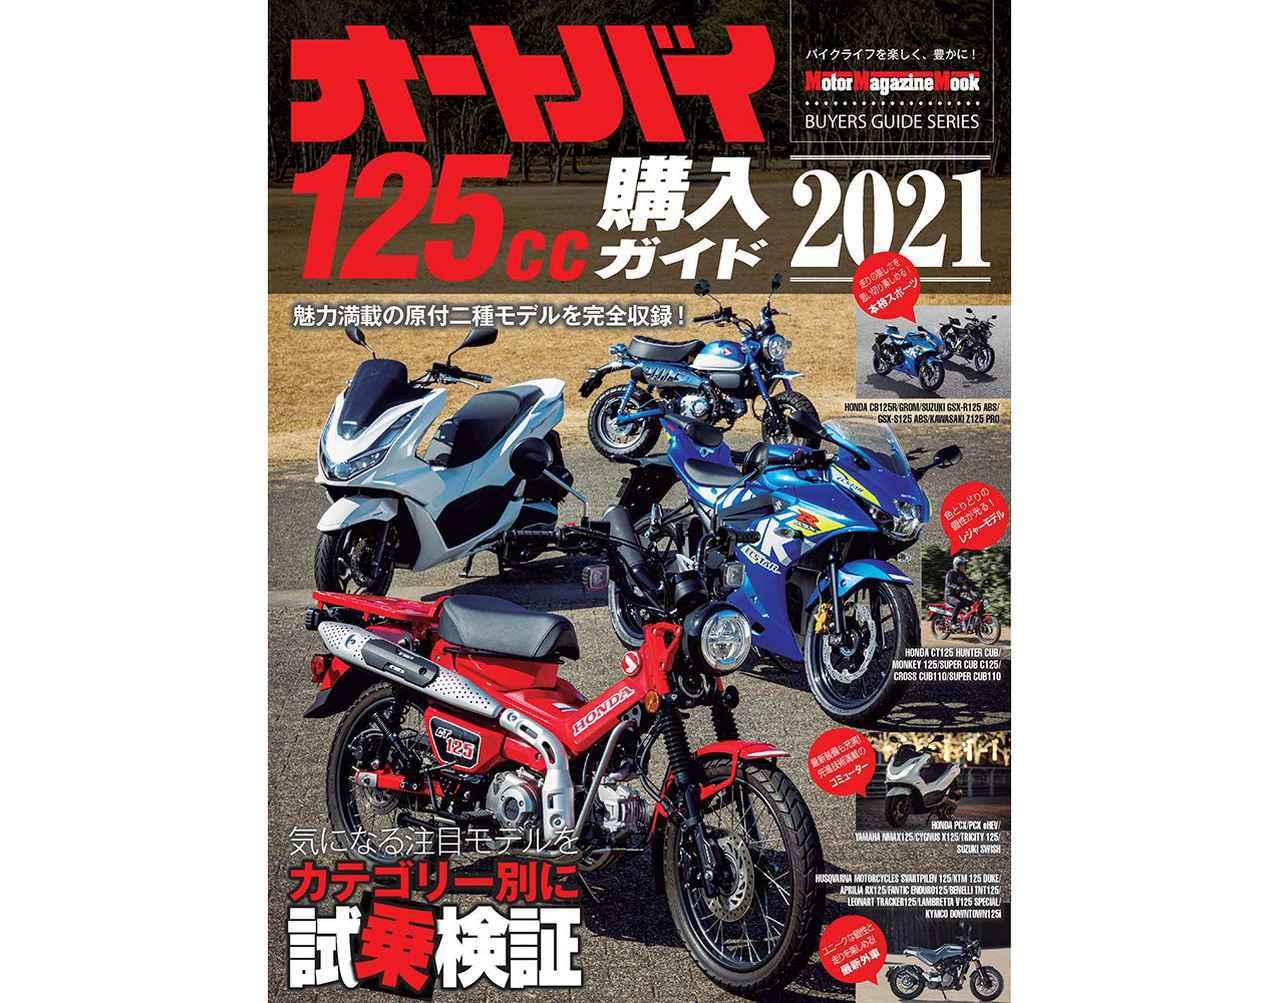 画像1: 国内外の原付二種を徹底網羅!『オートバイ125cc購入ガイド2021』好評発売中! - webオートバイ